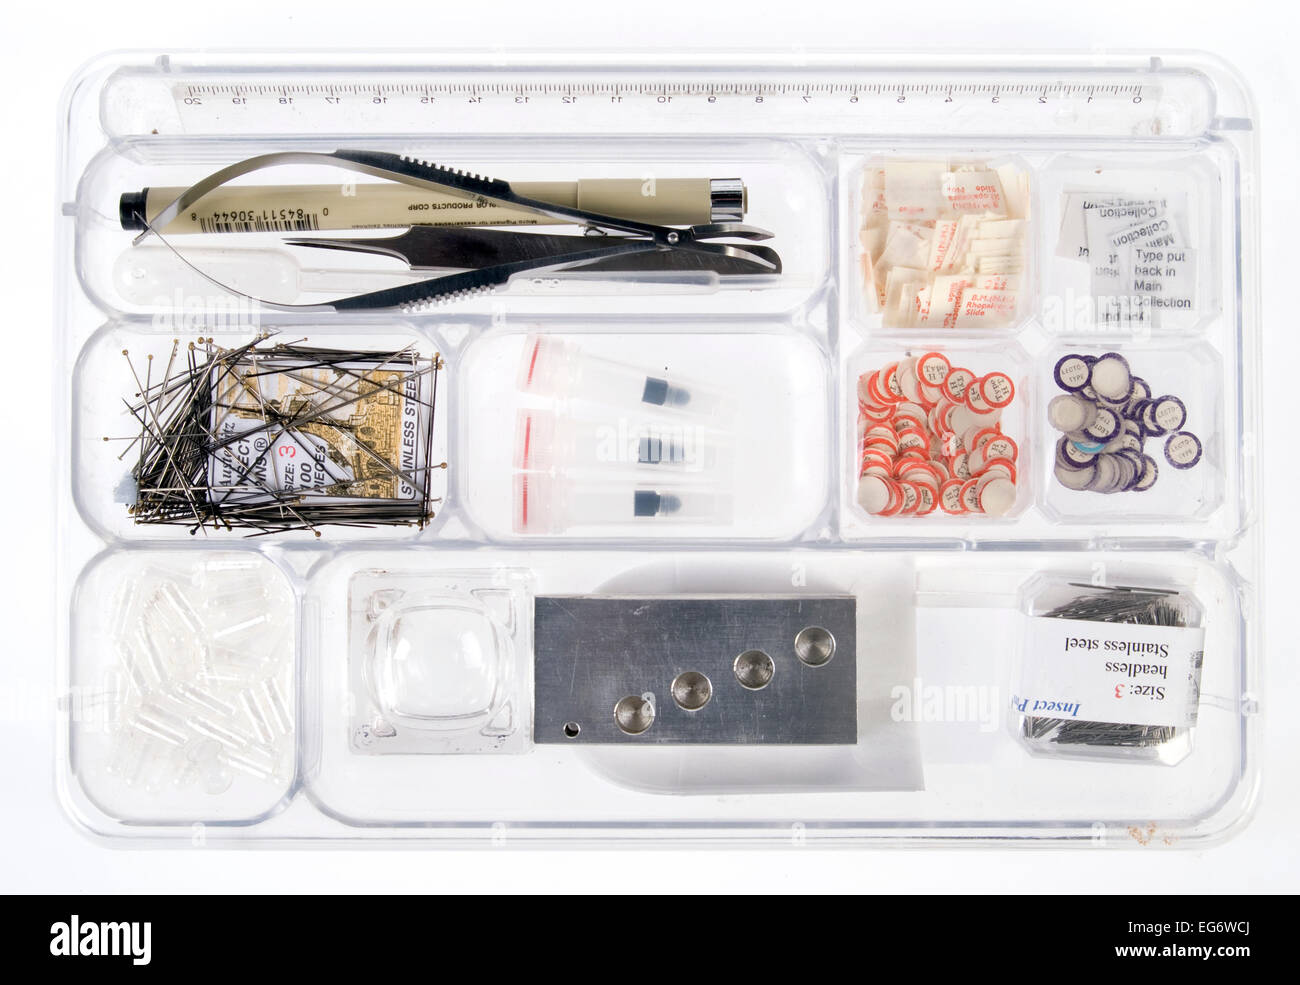 Tray of entomology equipment - Stock Image